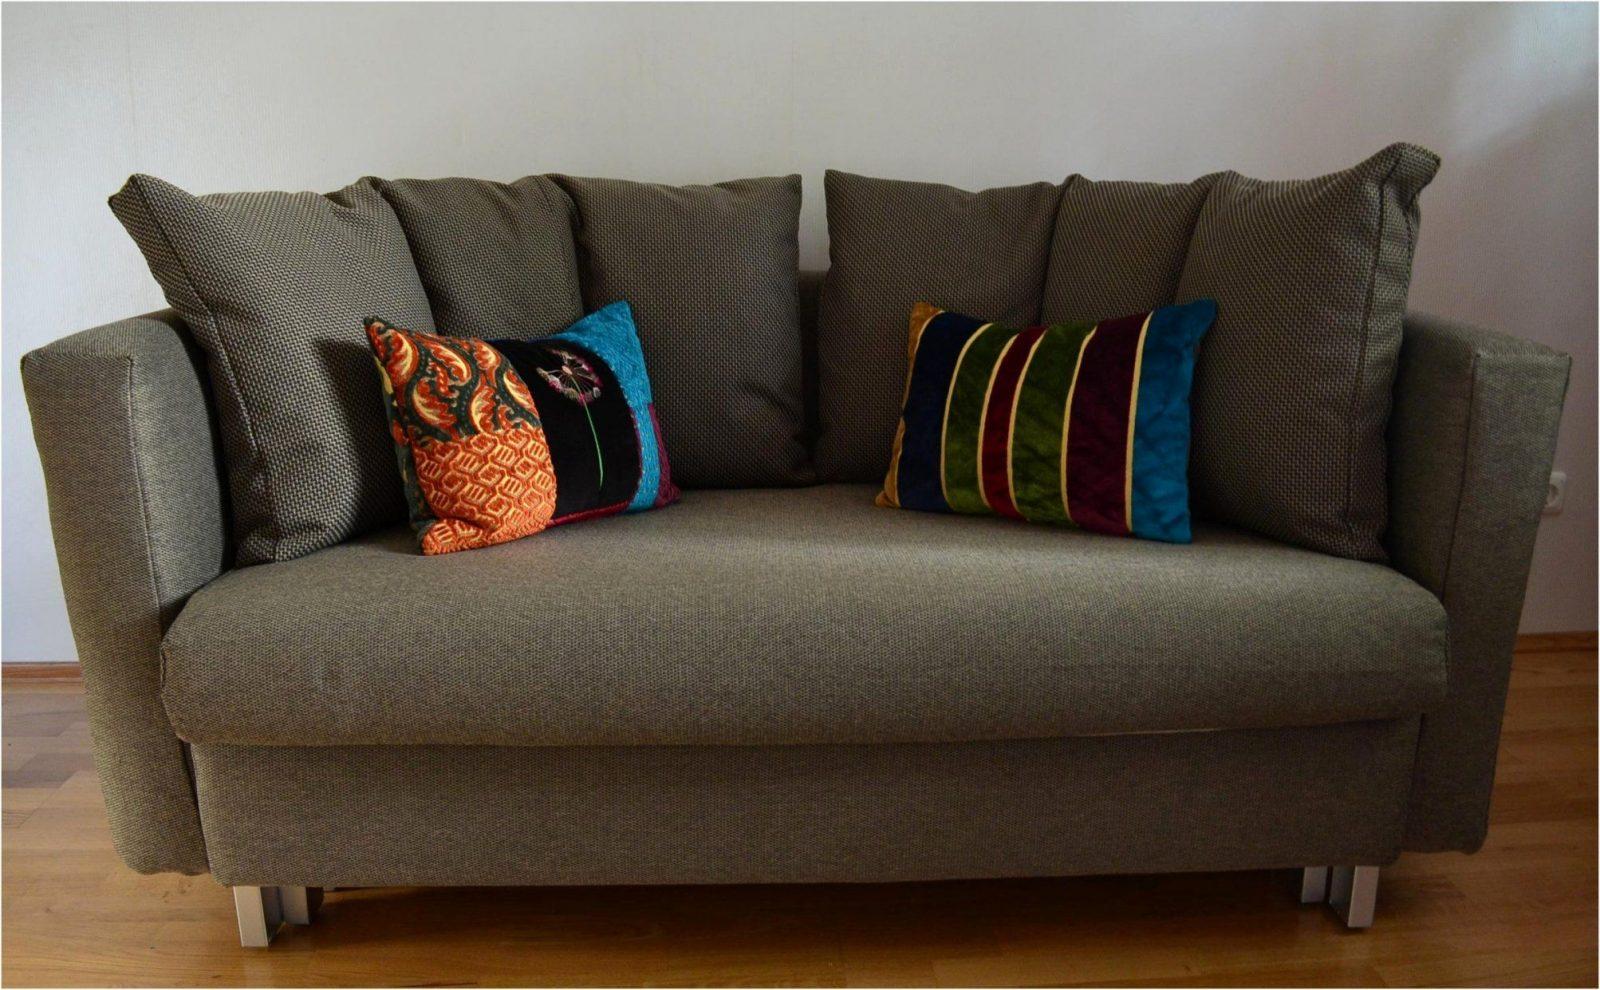 Sofa Aufpolstern Kosten Related Post Amazing Lassen Sie Ihren von Sessel Neu Beziehen Lassen Kosten Bild